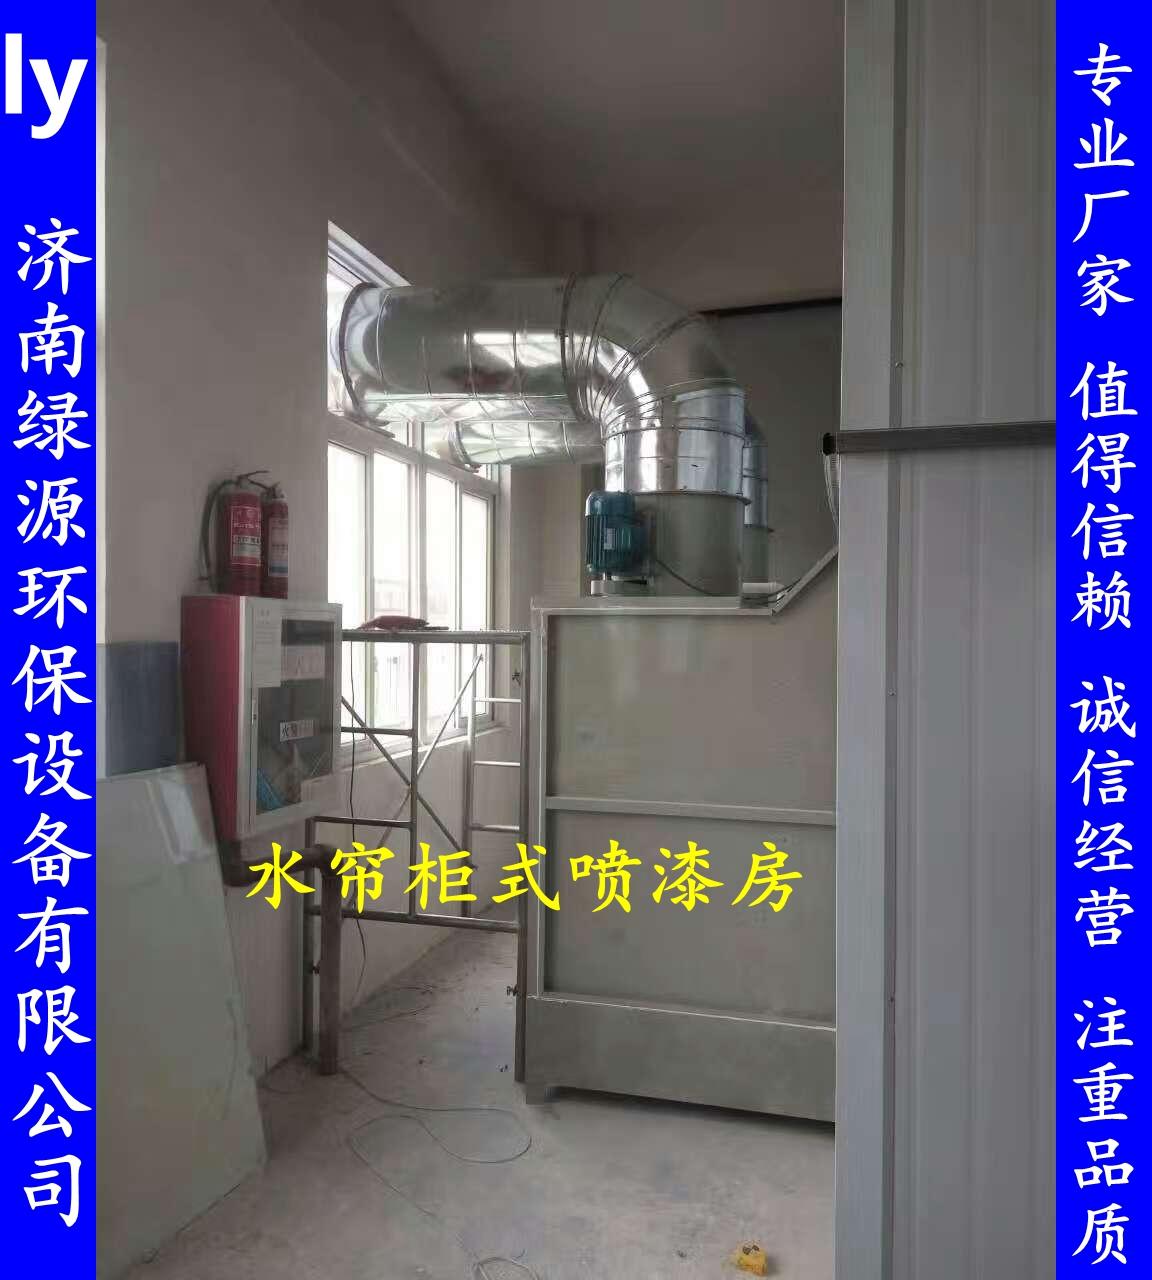 mmexport1493986723061.jpg